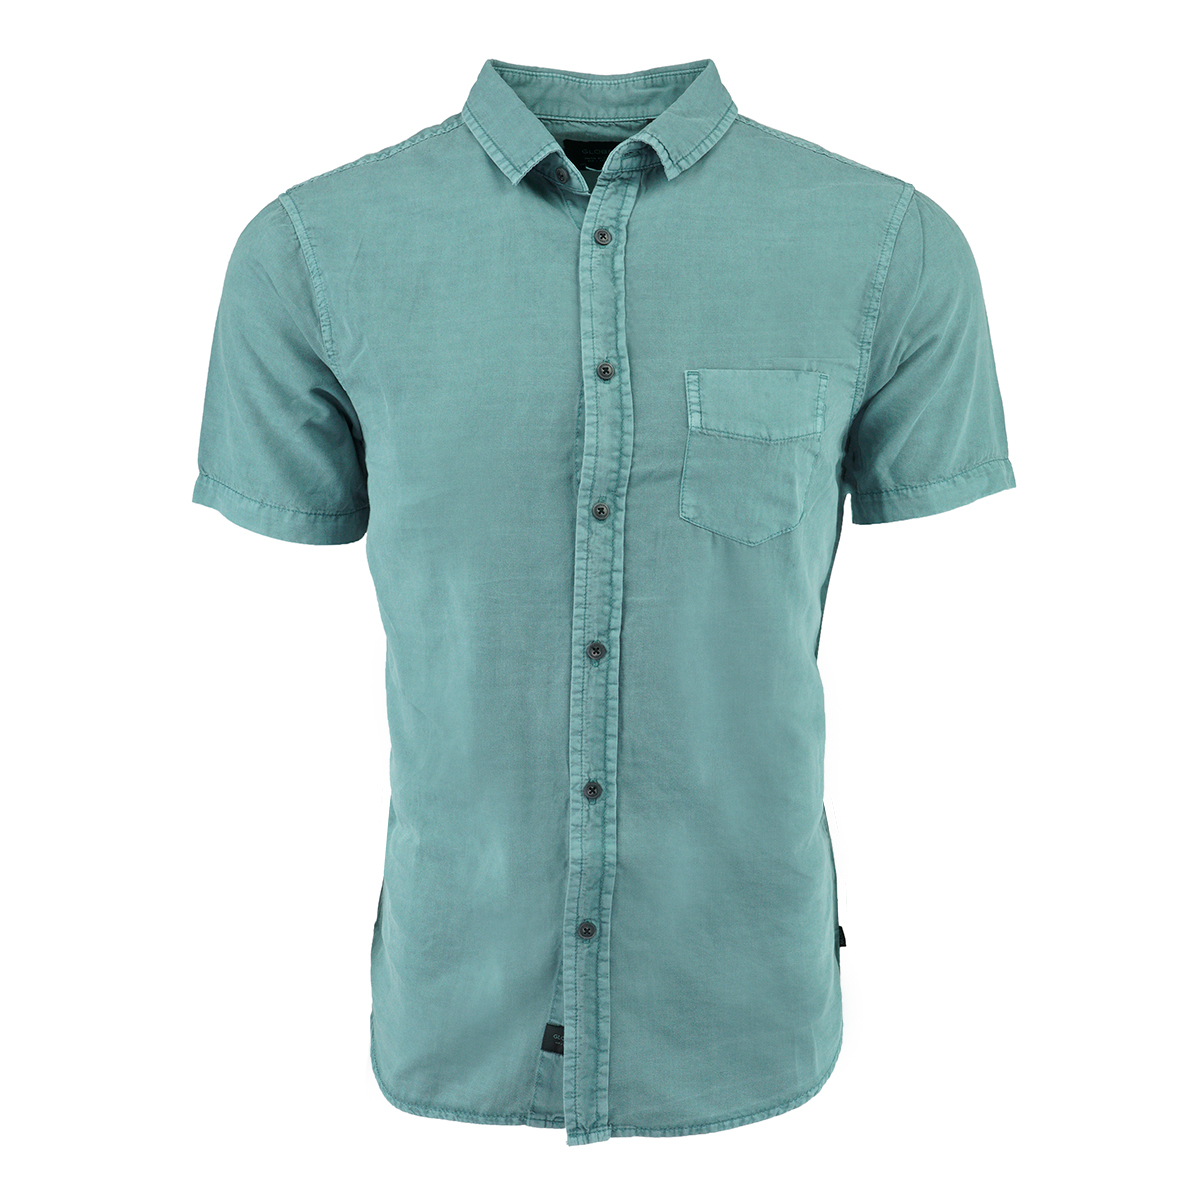 ce57a5e3a61 Details about Globe Men s Goodstock Vintage S S Shirt Breeze Green L